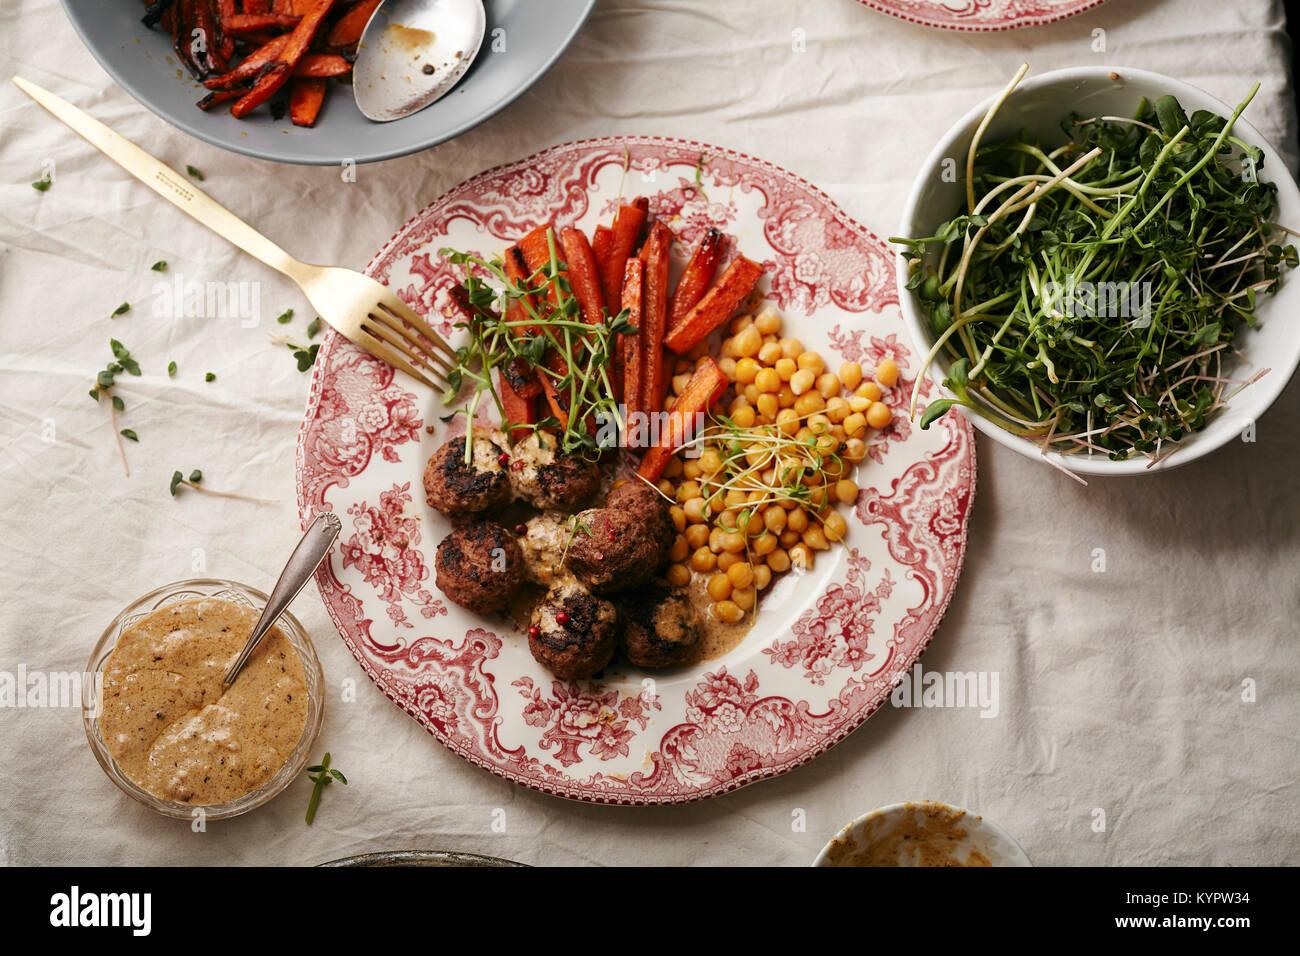 Swedish meatballs garni de sauce béchamel et micro-verts avec les pois chiches et les carottes caramélisées servi sur plaque porcelaine vintage sur l'onglet linge Banque D'Images